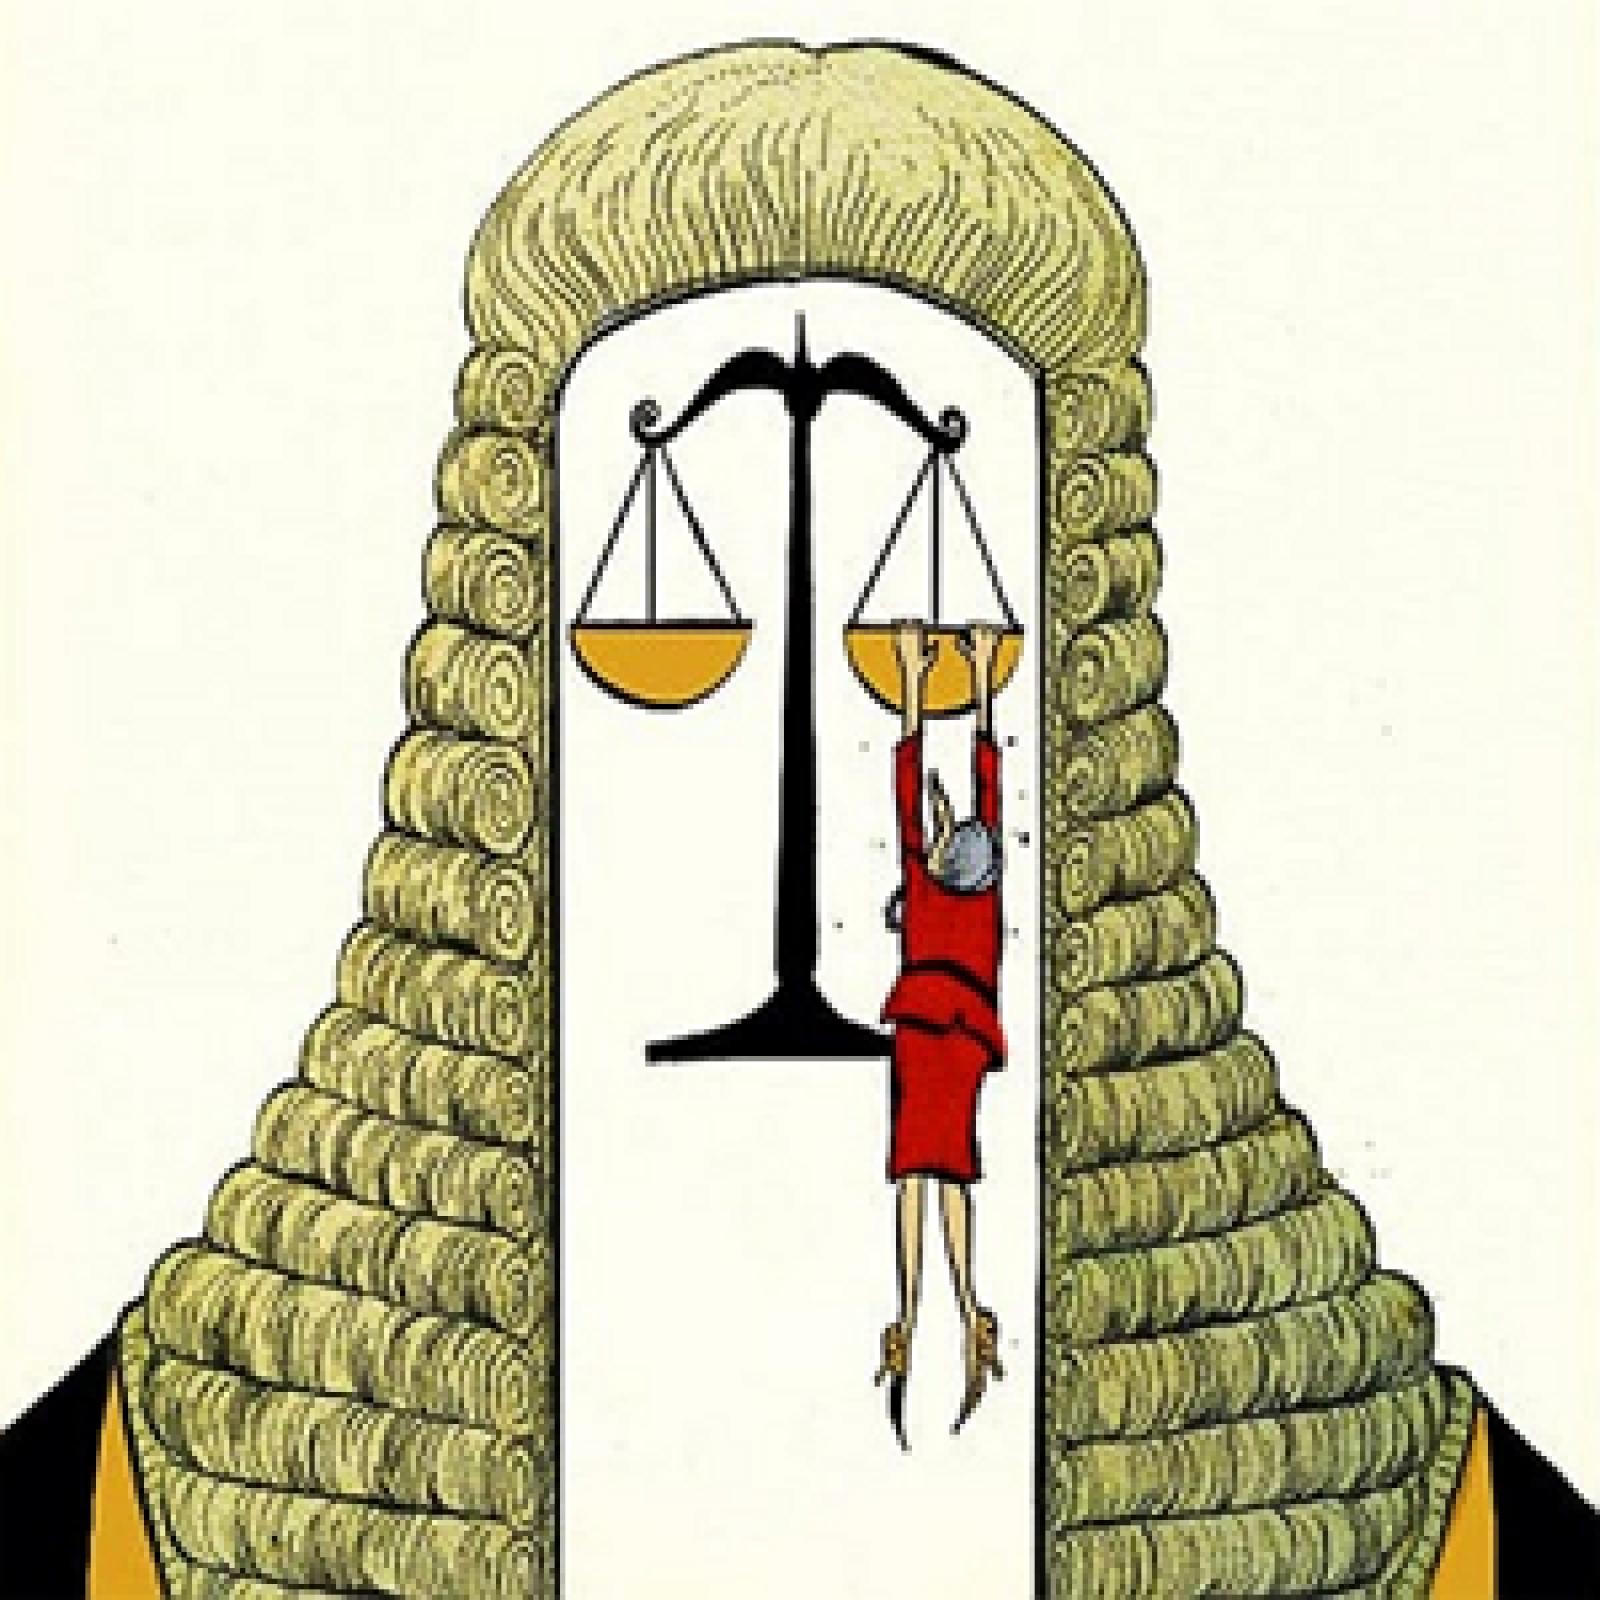 Giudizio di merito post opposizione agli atti esecutivi: la tardiva iscrizione a ruolo non determina l'improcedibilità